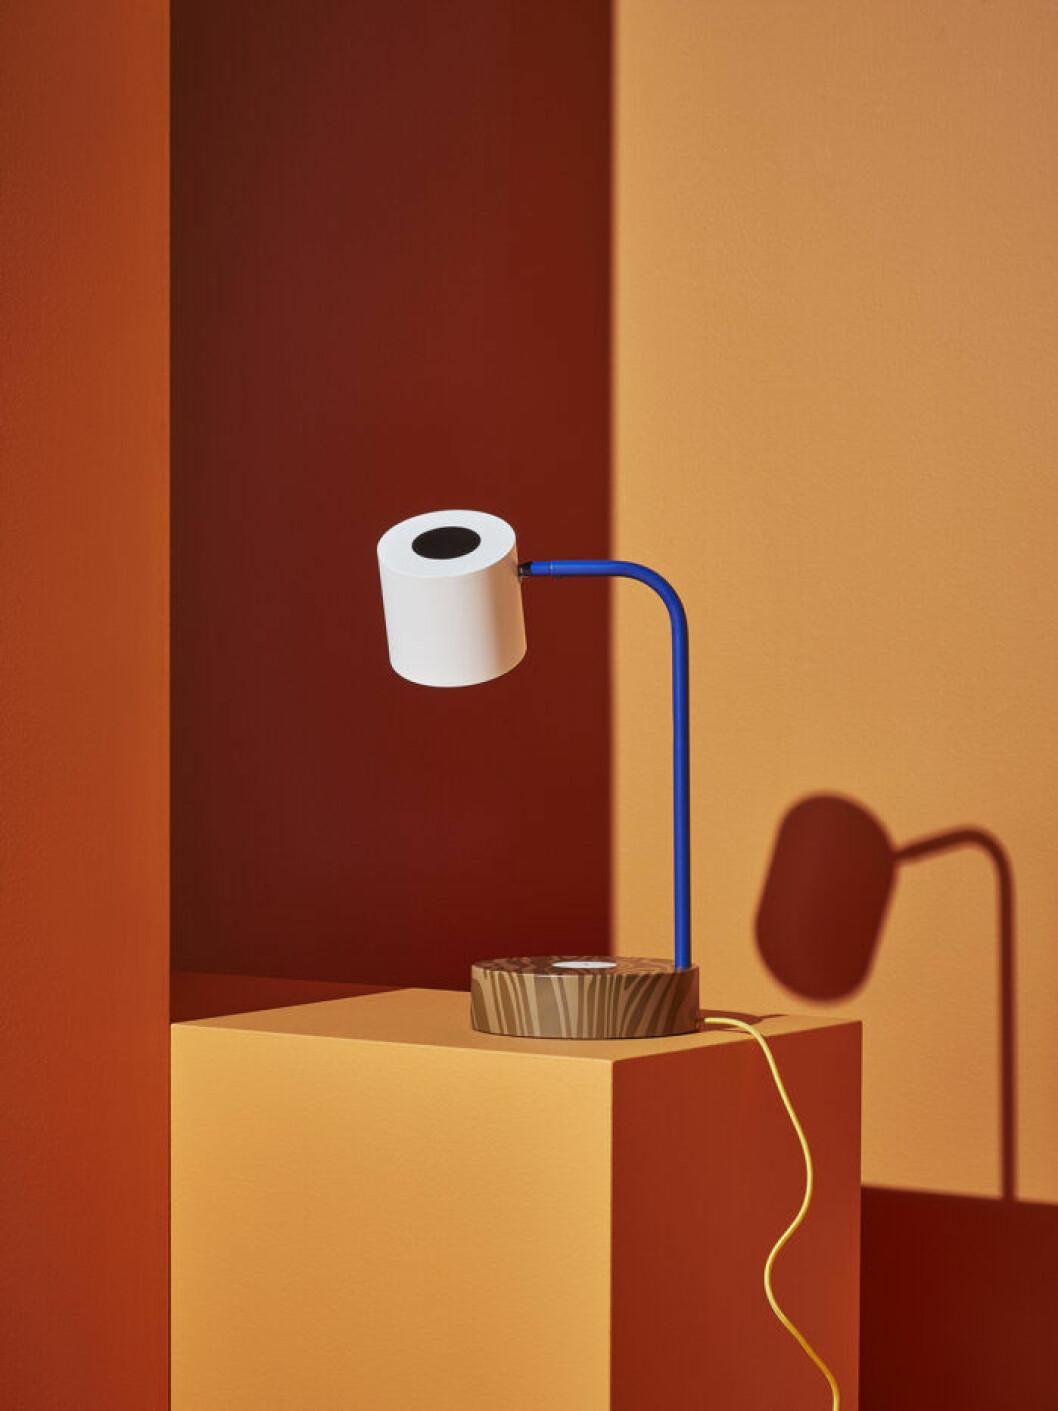 Lampa i design av konstnären Craig Redman och Colettes kreativa chef Sarah Andelman